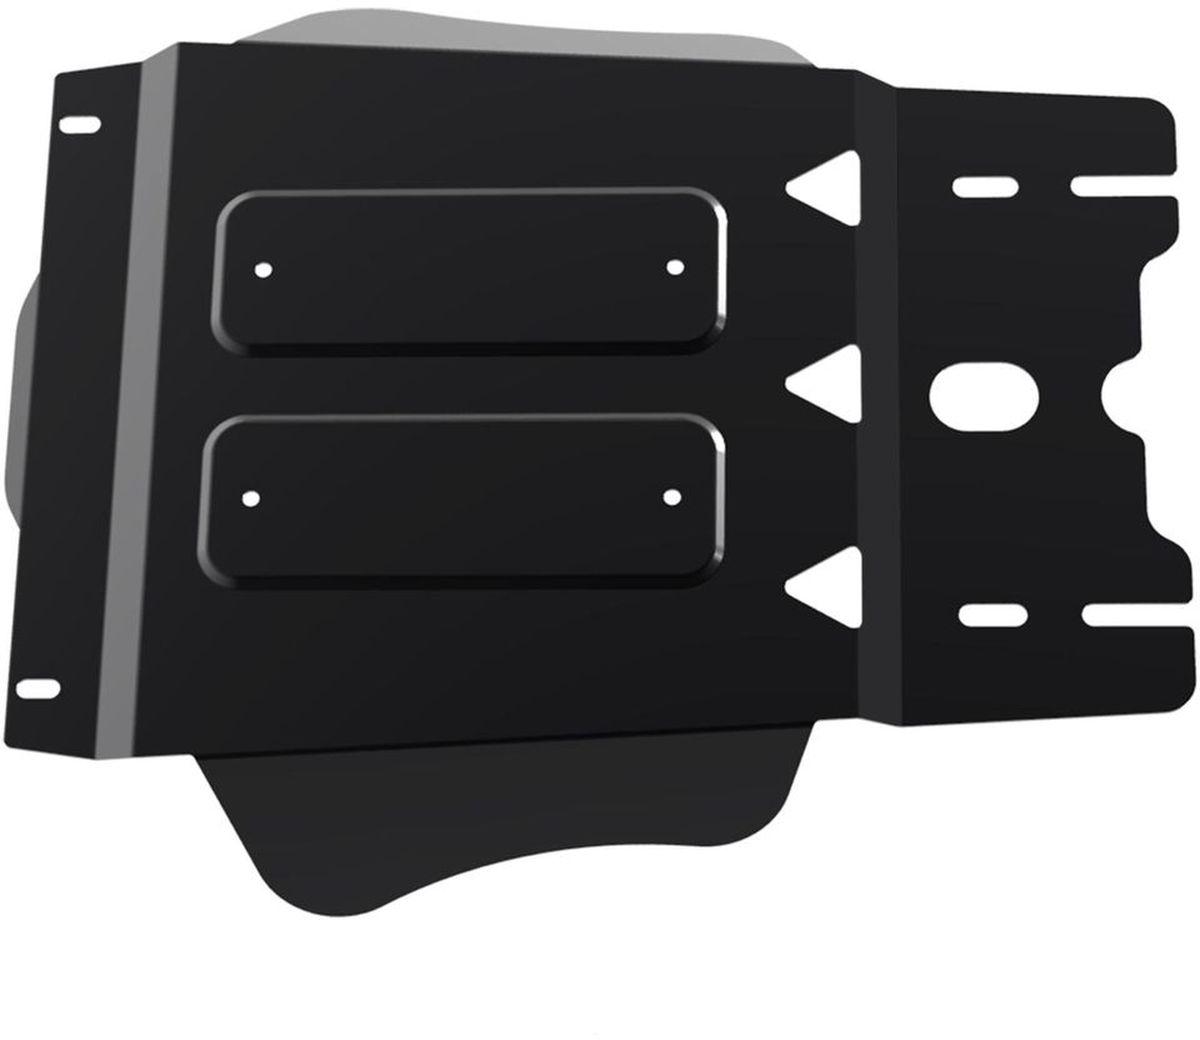 Защита КПП Автоброня, для Subaru Legacy/Outback CVT, V - 2.0i, 2.5i,2.5i Sport (2010-2015)/Outback, V-2,5111.05412.1Технологически совершенный продукт за невысокую стоимость. Защита разработана с учетом особенностей днища автомобиля, что позволяет сохранить дорожный просвет с минимальным изменением. Защита устанавливается в штатные места кузова автомобиля. Глубокий штамп обеспечивает до двух раз больше жесткости в сравнении с обычной защитой той же толщины. Проштампованные ребра жесткости препятствуют деформации защиты при ударах. Тепловой зазор и вентиляционные отверстия обеспечивают сохранение температурного режима двигателя в норме. Скрытый крепеж предотвращает срыв крепежных элементов при наезде на препятствие. Шумопоглощающие резиновые элементы обеспечивают комфортную езду без вибраций и скрежета металла, а съемные лючки для слива масла и замены фильтра - экономию средств и время. Конструкция изделия не влияет на пассивную безопасность автомобиля (при ударе защита не воздействует на деформационные зоны кузова). Со штатным крепежом. В комплекте инструкция по установке....